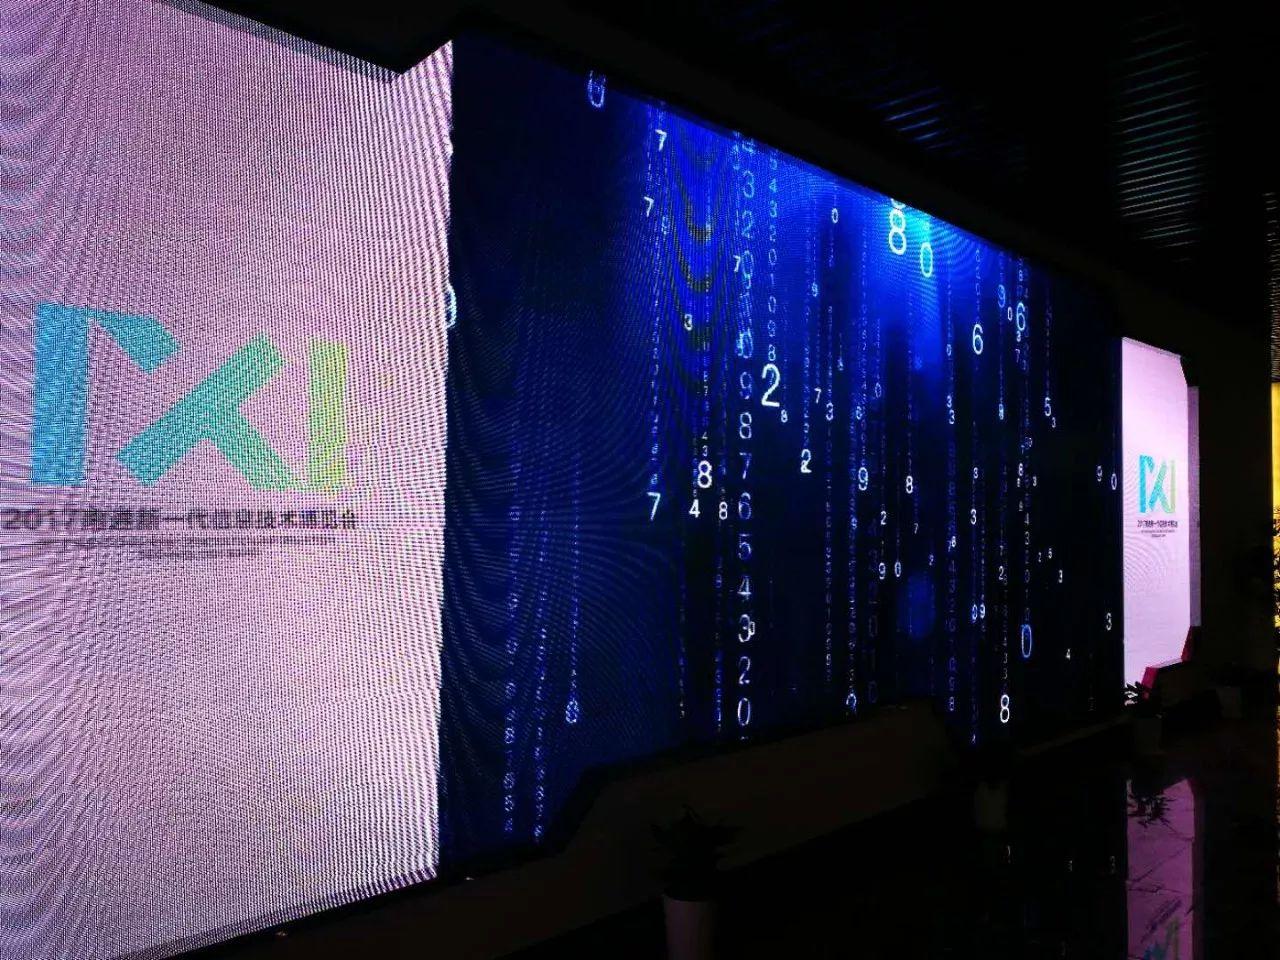 明天展开的南通新一代信息技能财产展,小编带你先睹为快!